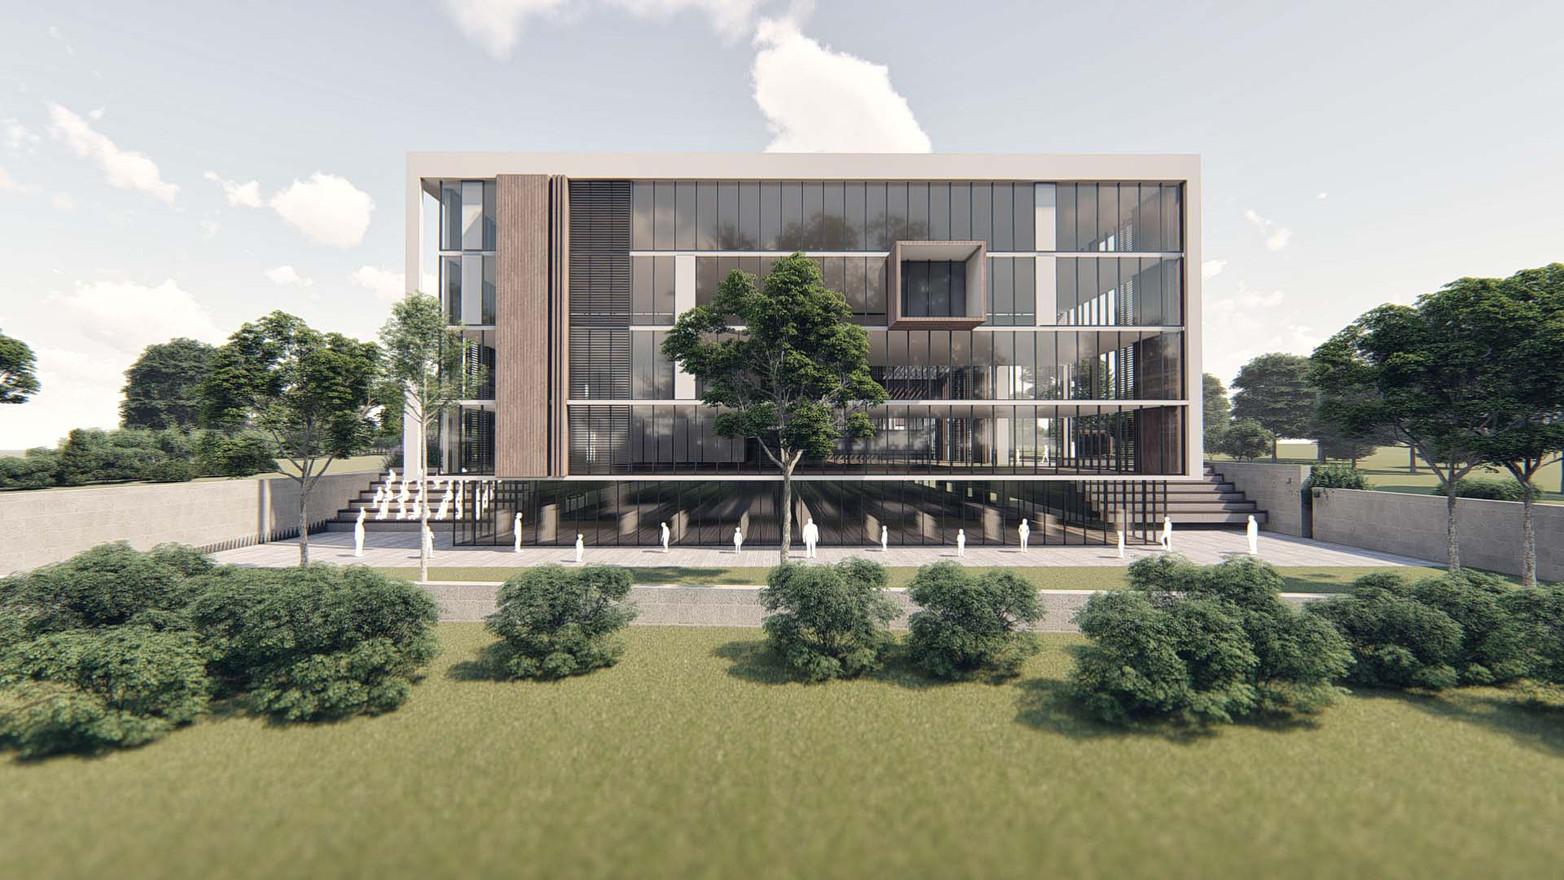 Bilinc College